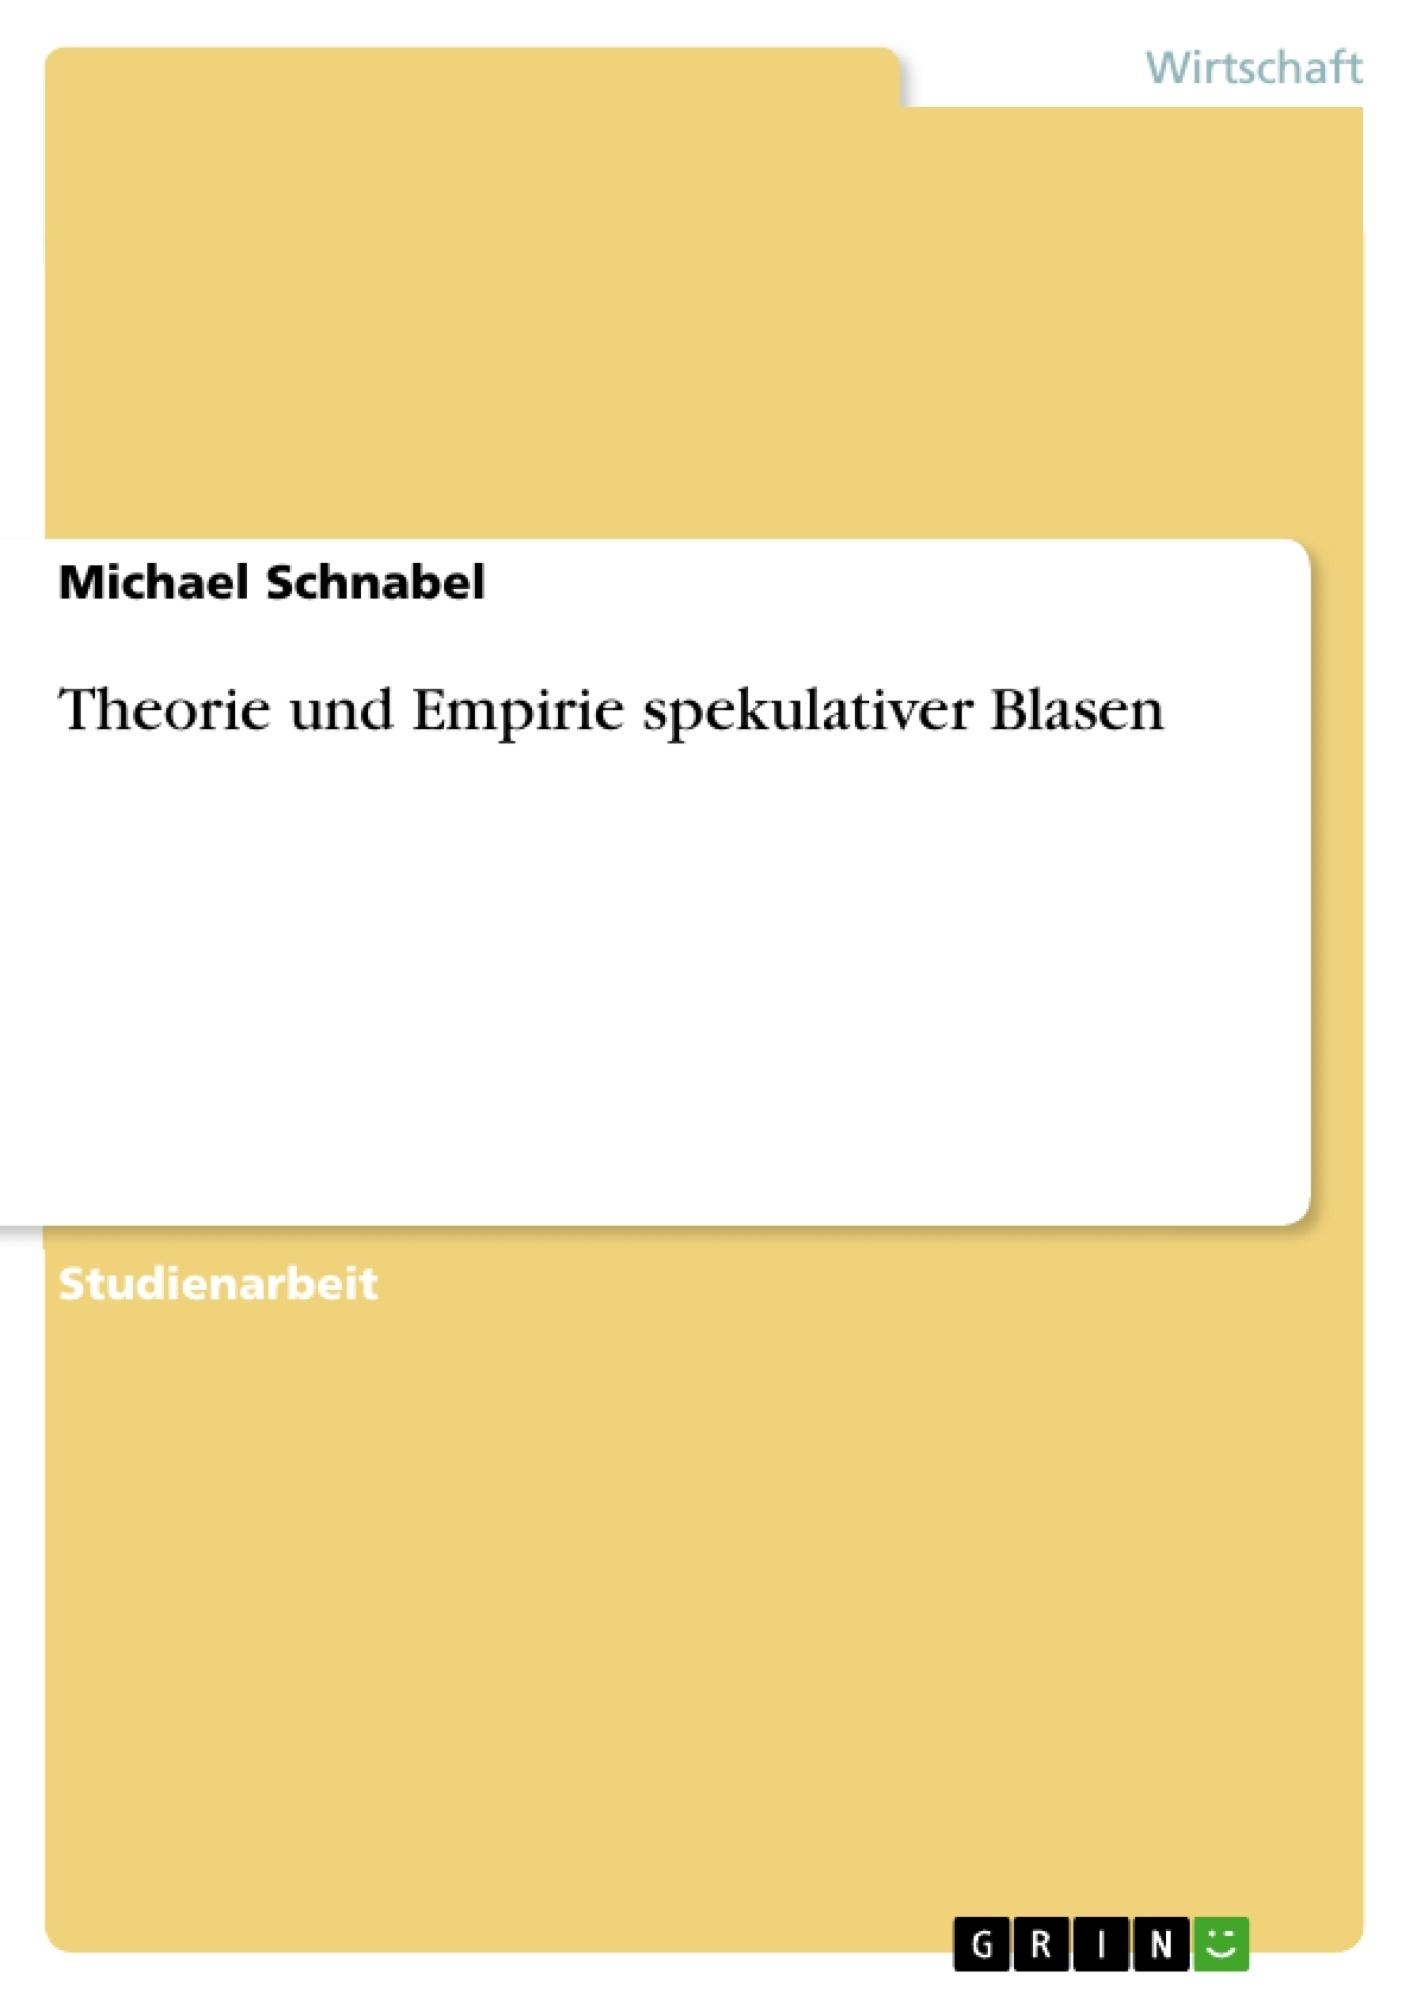 Titel: Theorie und Empirie spekulativer Blasen